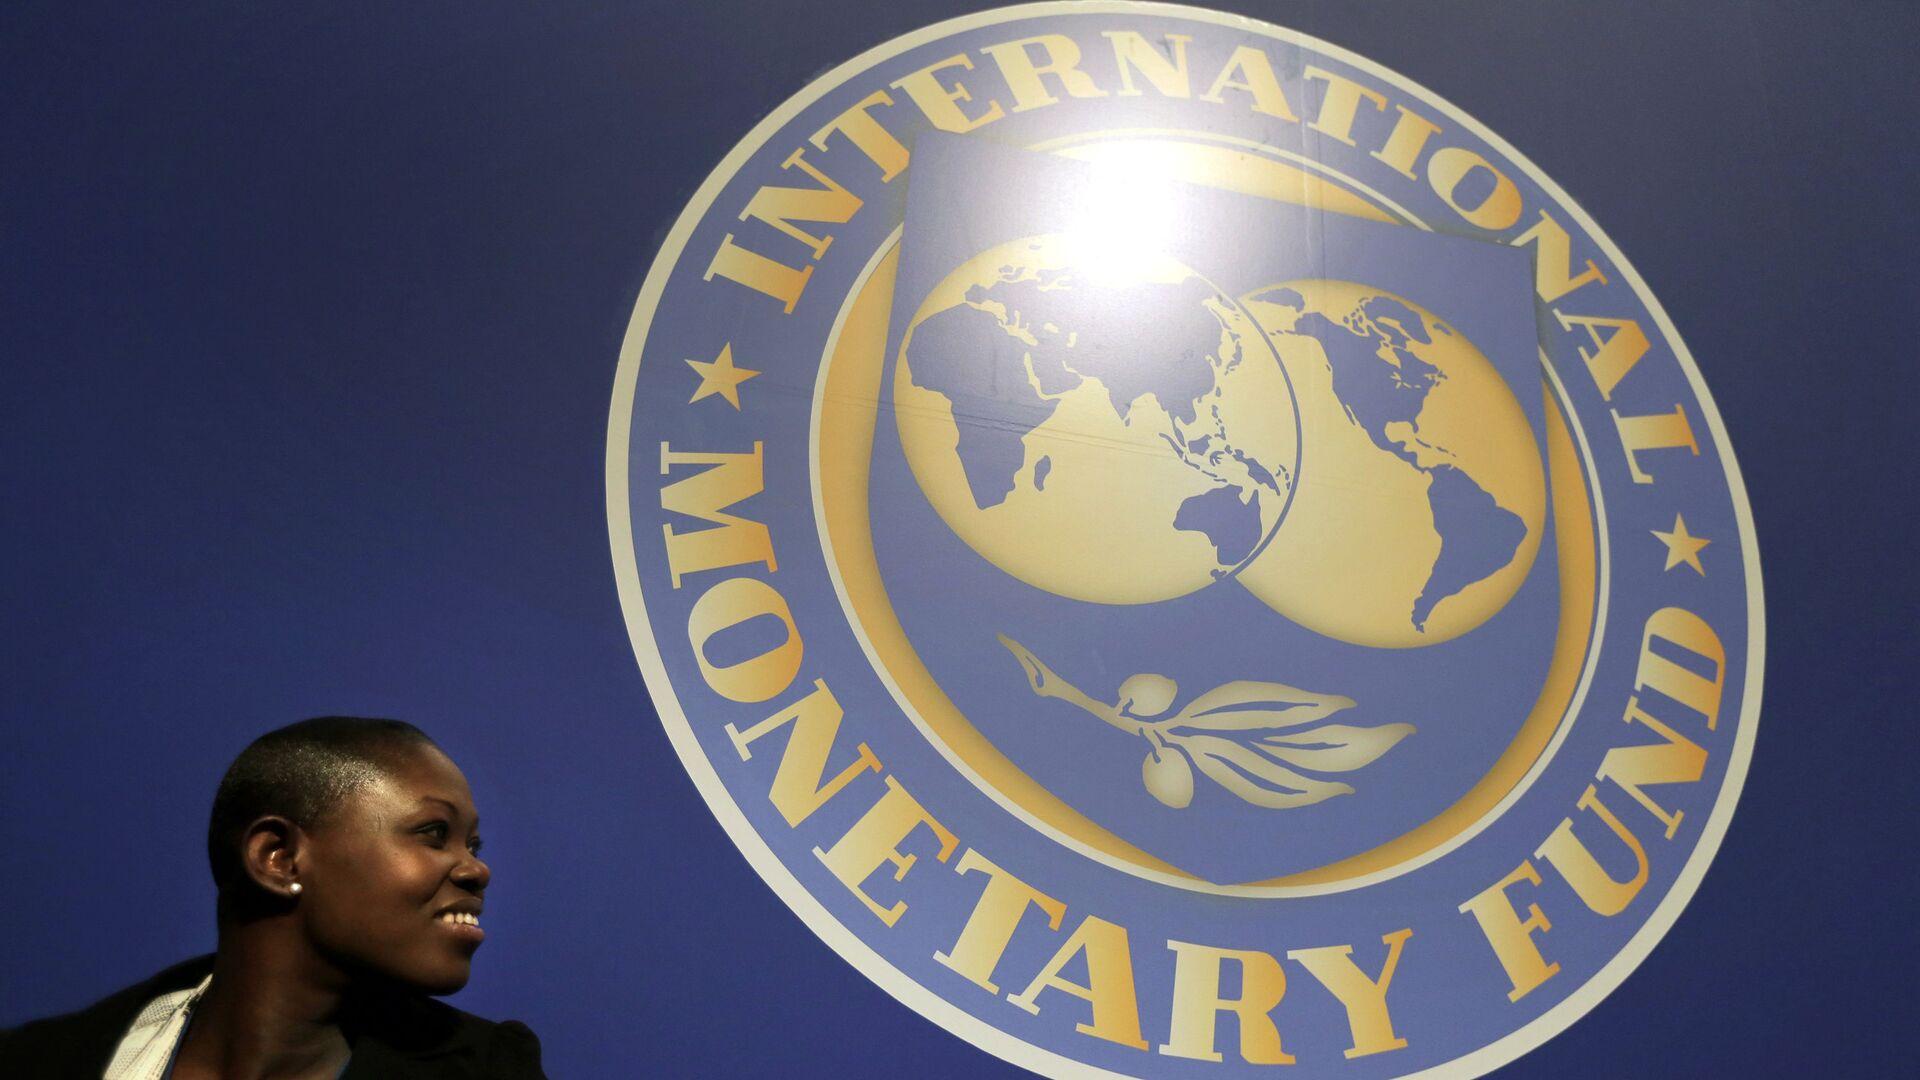 El logo del Fondo Monetario Internacional (FMI) - Sputnik Mundo, 1920, 07.07.2021